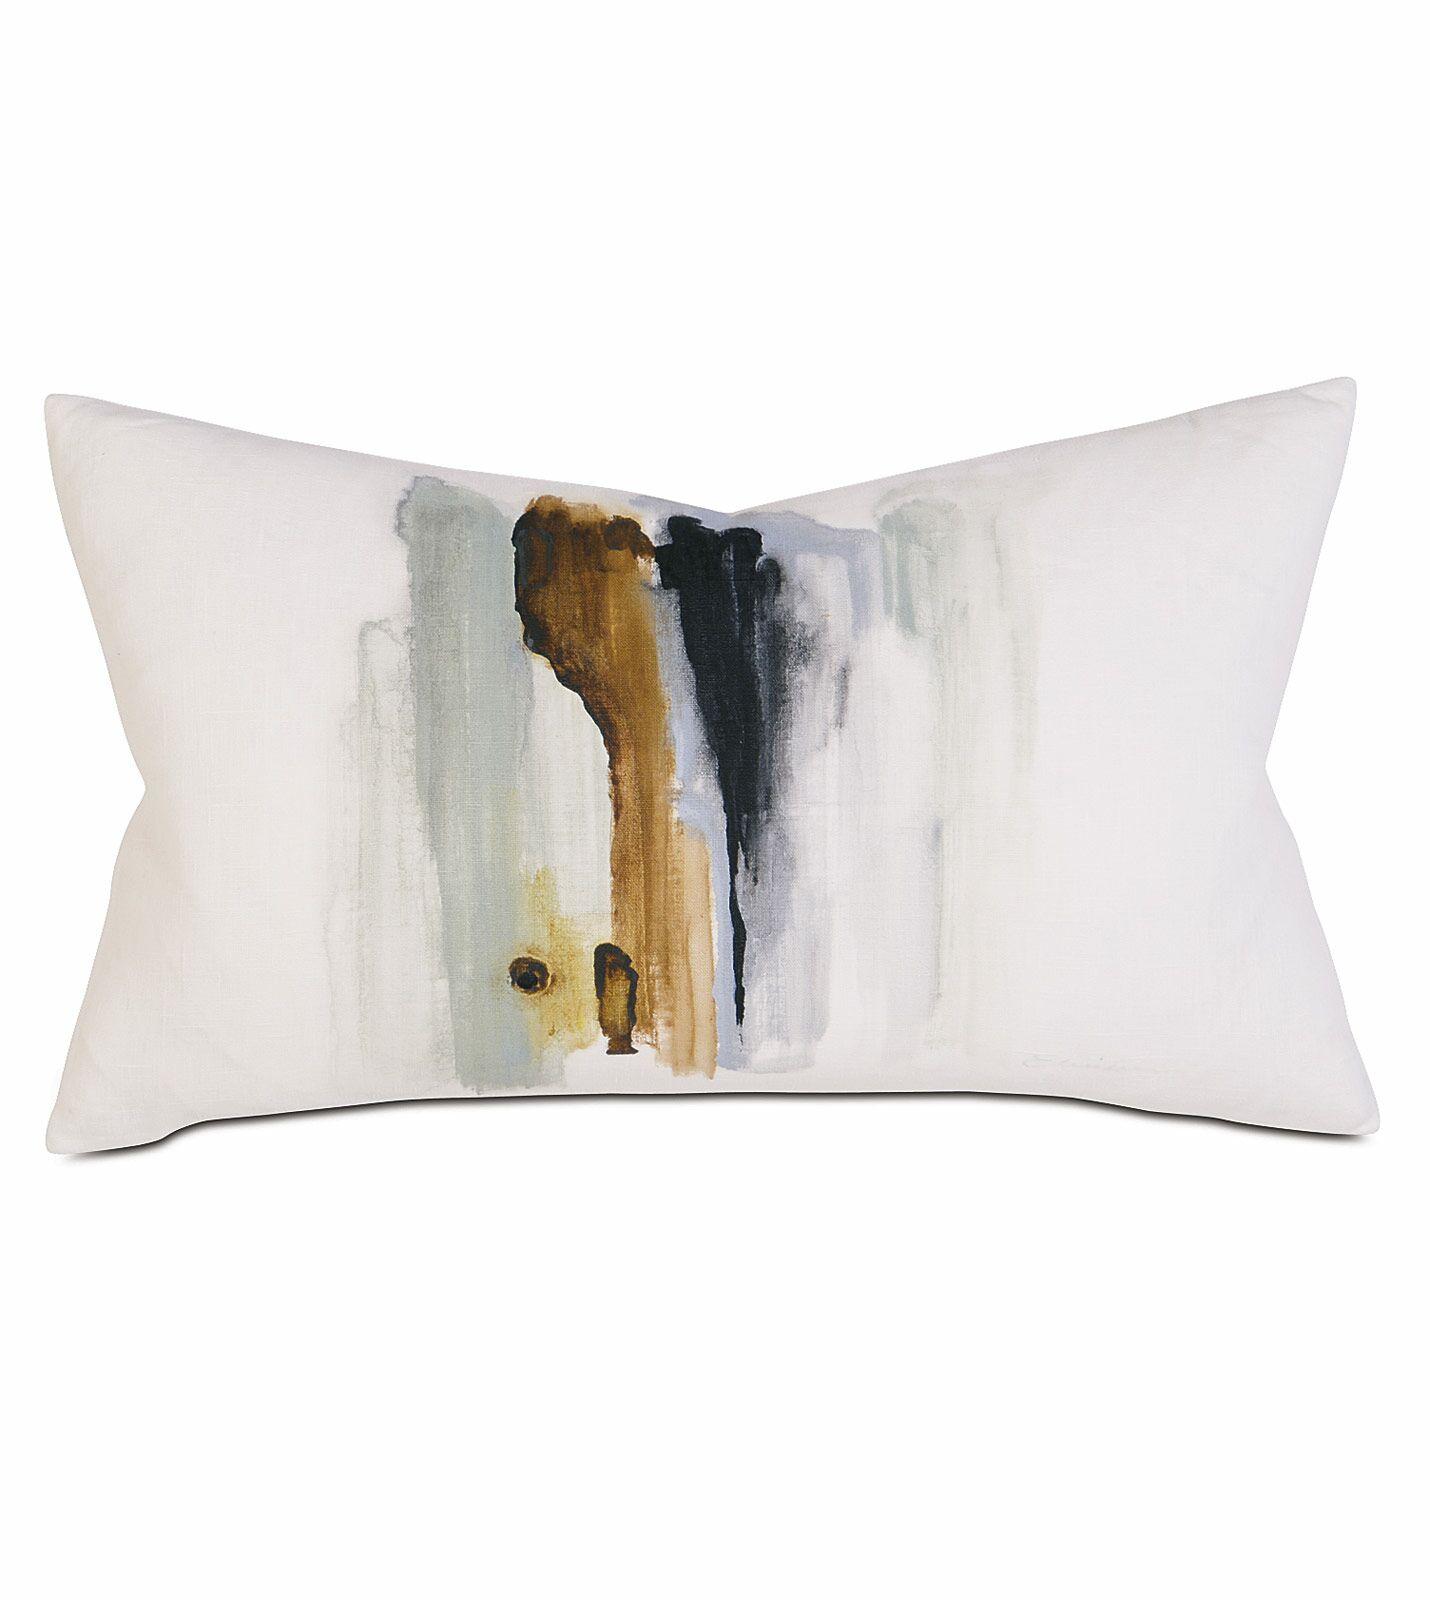 Laurel Hand-painted Breeze Shell Cotton Lumbar Pillow